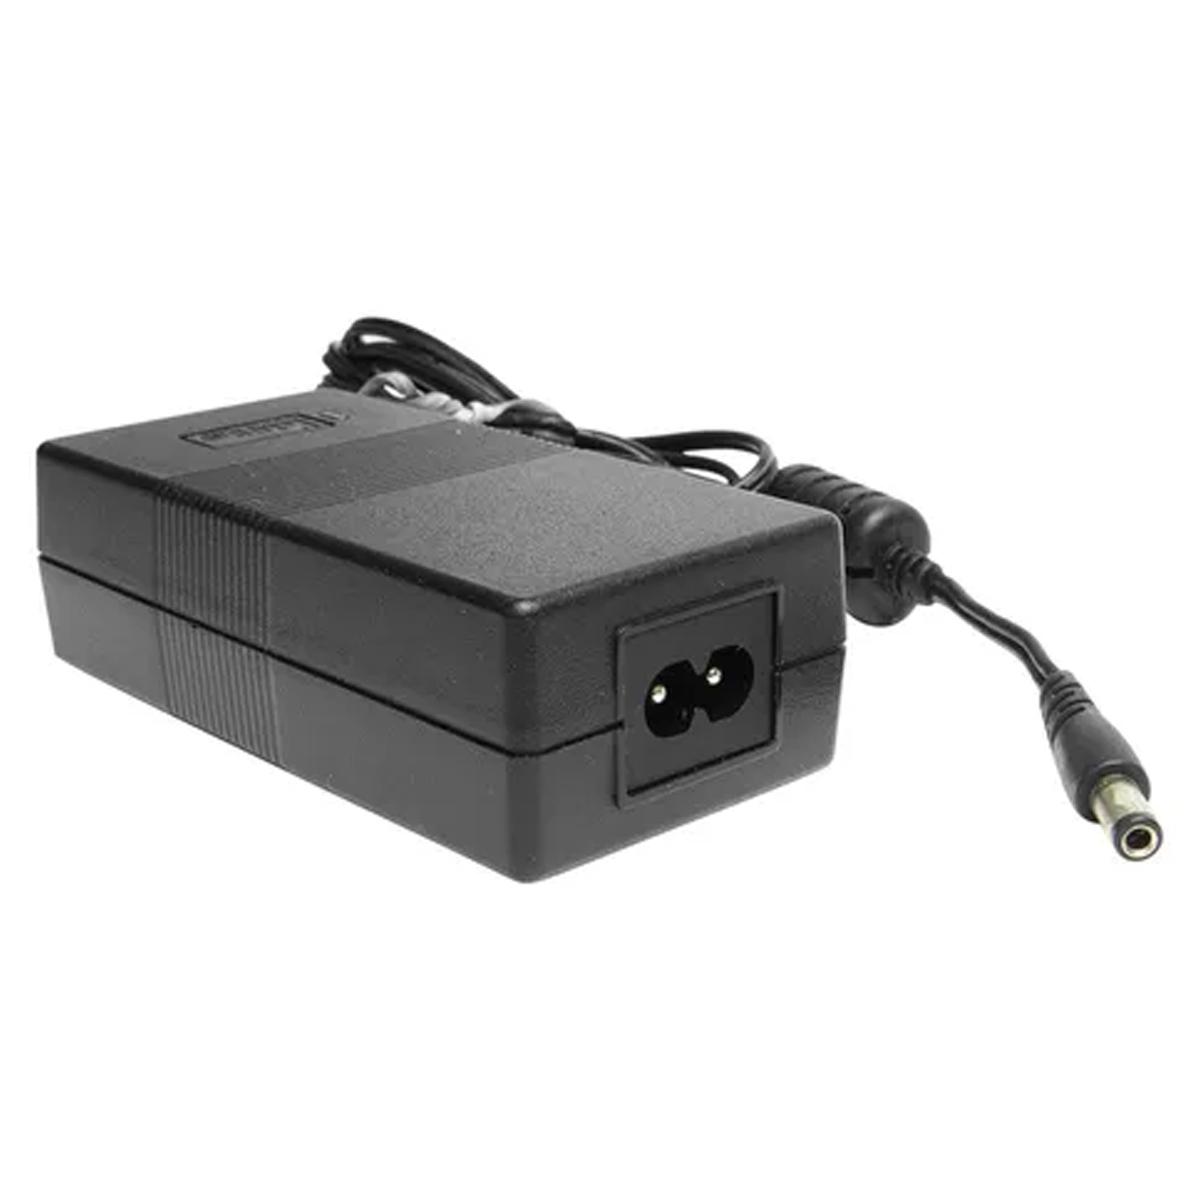 Fonte Plástica Tipo Mesa 12v 3a Real Bivolt Plug P4